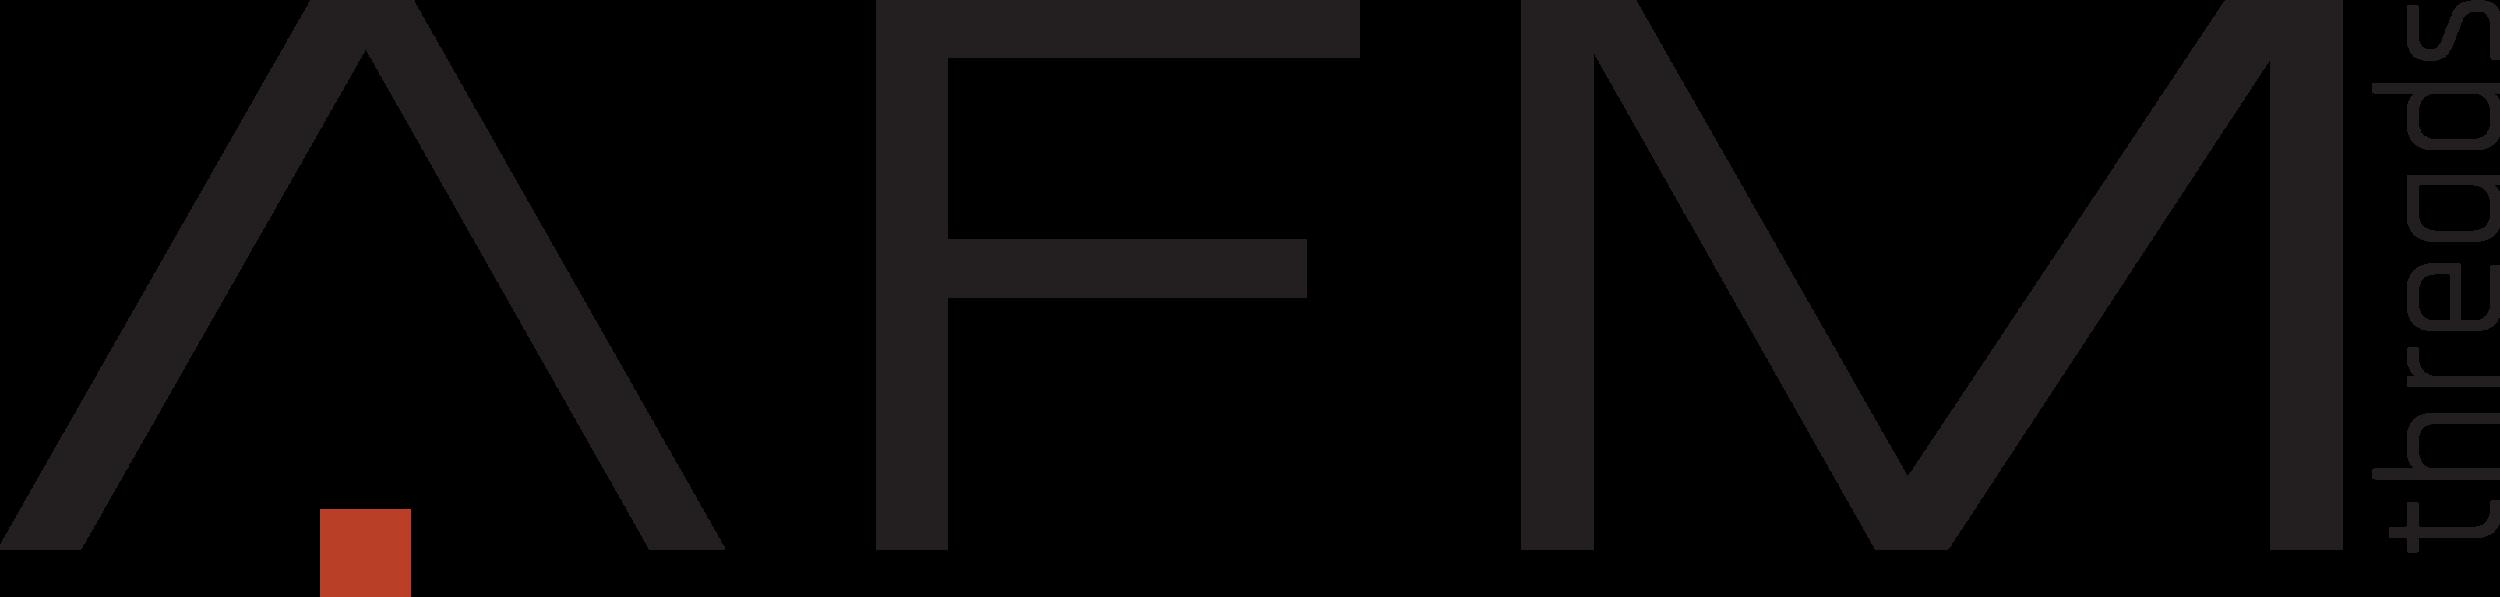 AFM_logo_white-background_black-logo.png